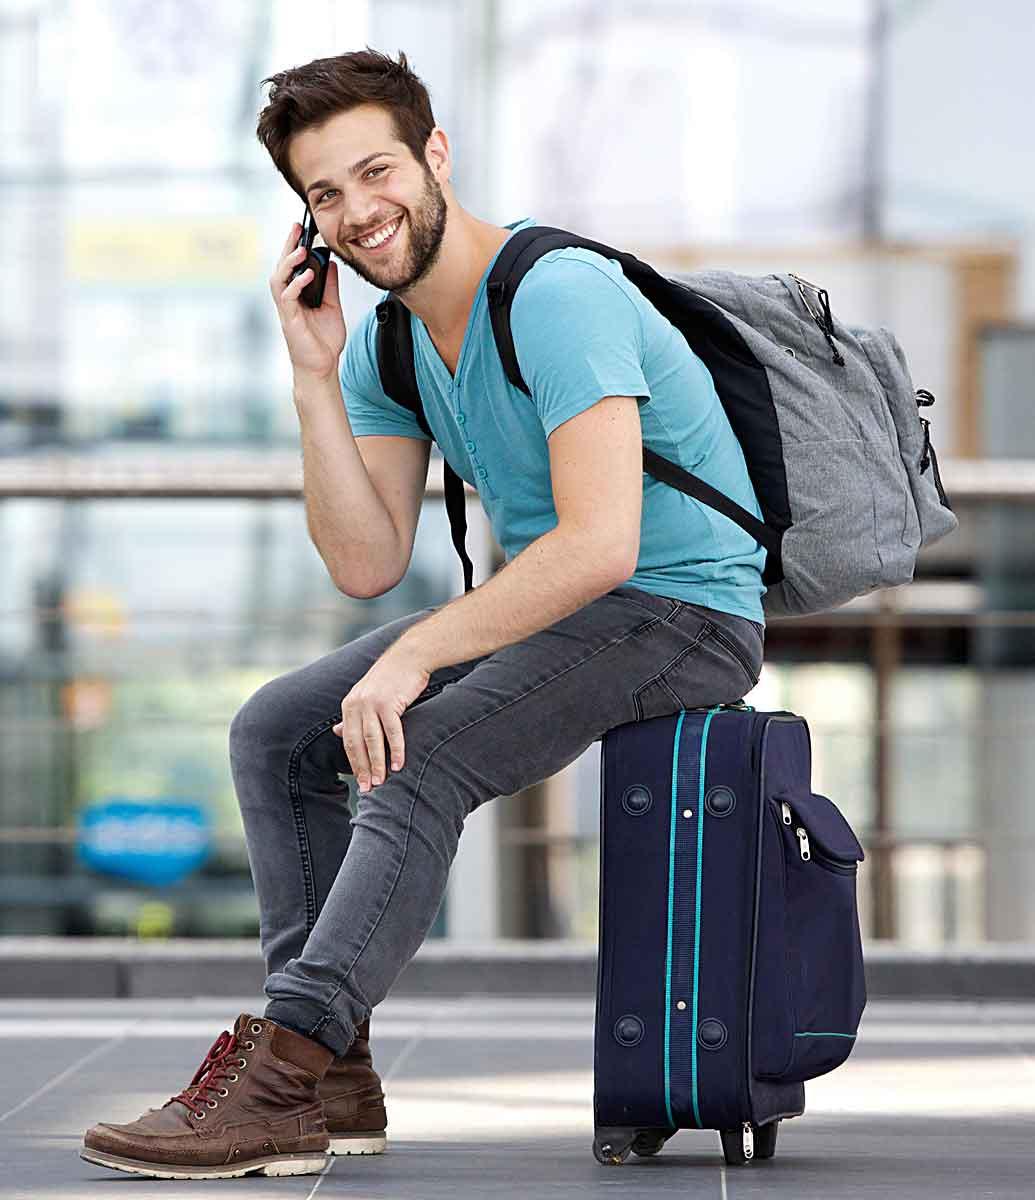 Taschen Rucksäcke Koffer haben wir!